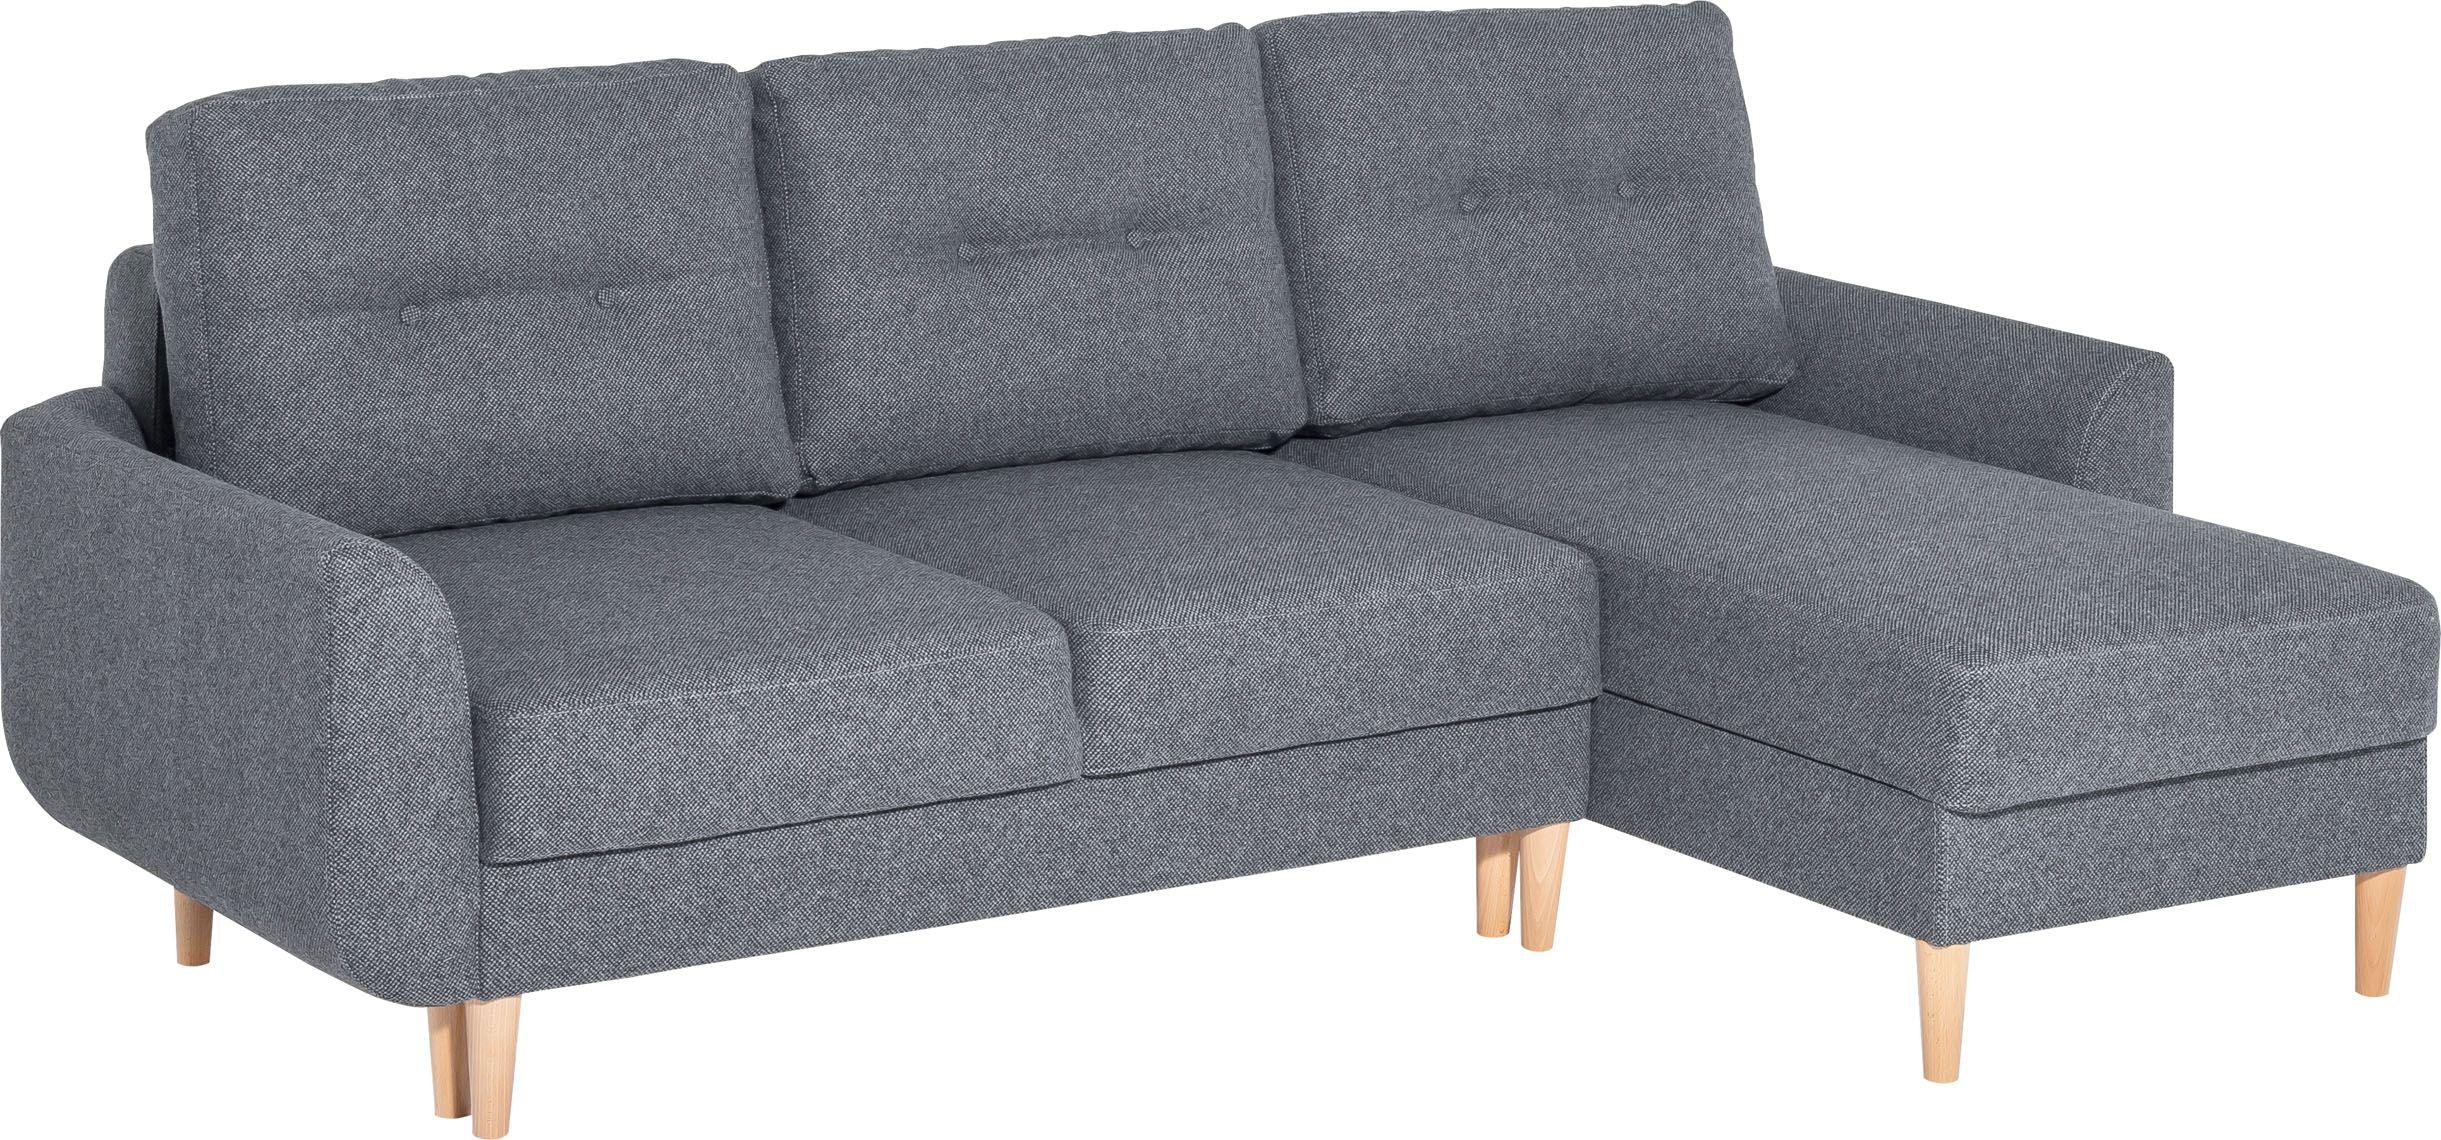 Naroznik Z Funkcja Spania Cotta Wnetrza Vox Furniture Bedroom Furniture Living Room Furniture